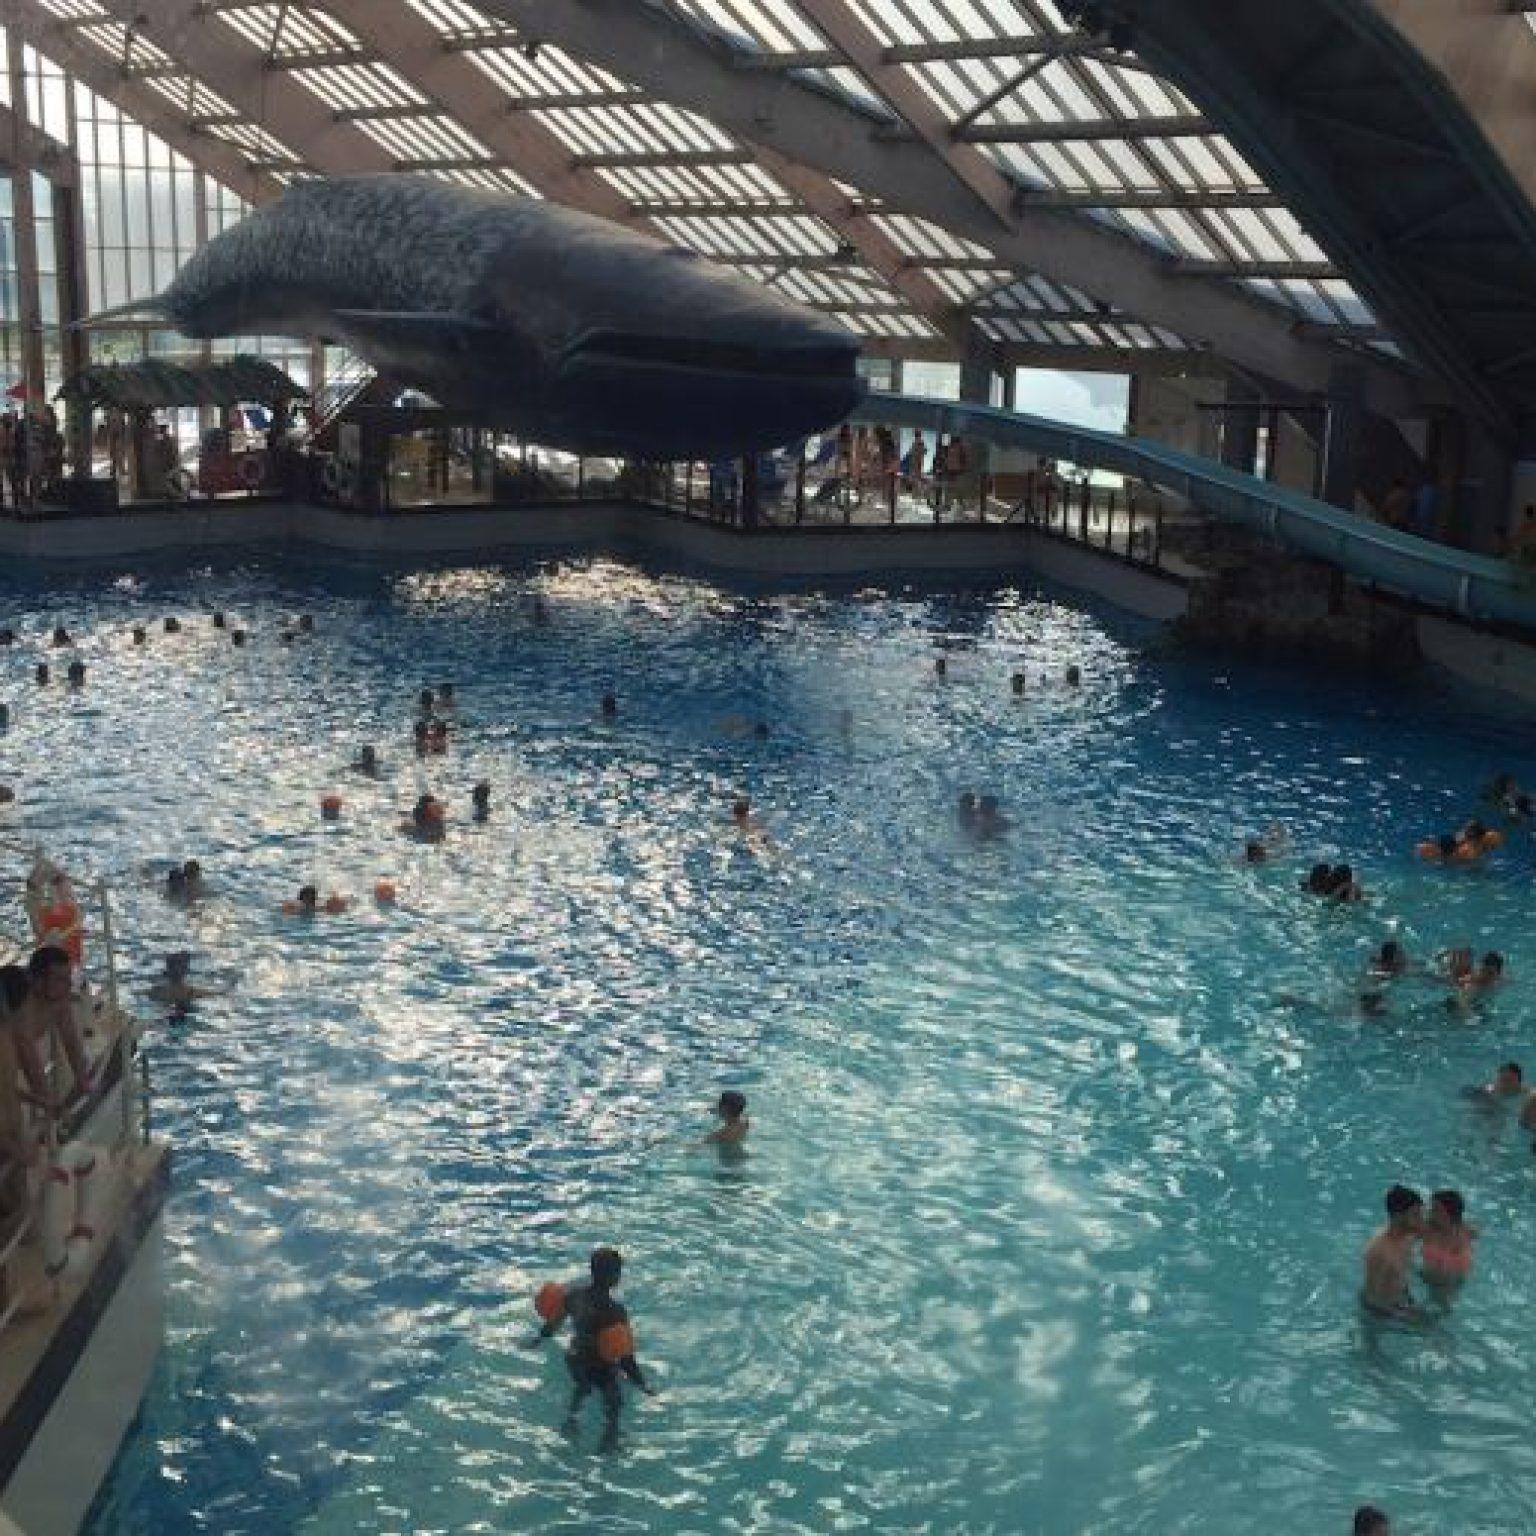 Достопримечательности Парижа: Аквапарк Aquaboulevard de Paris